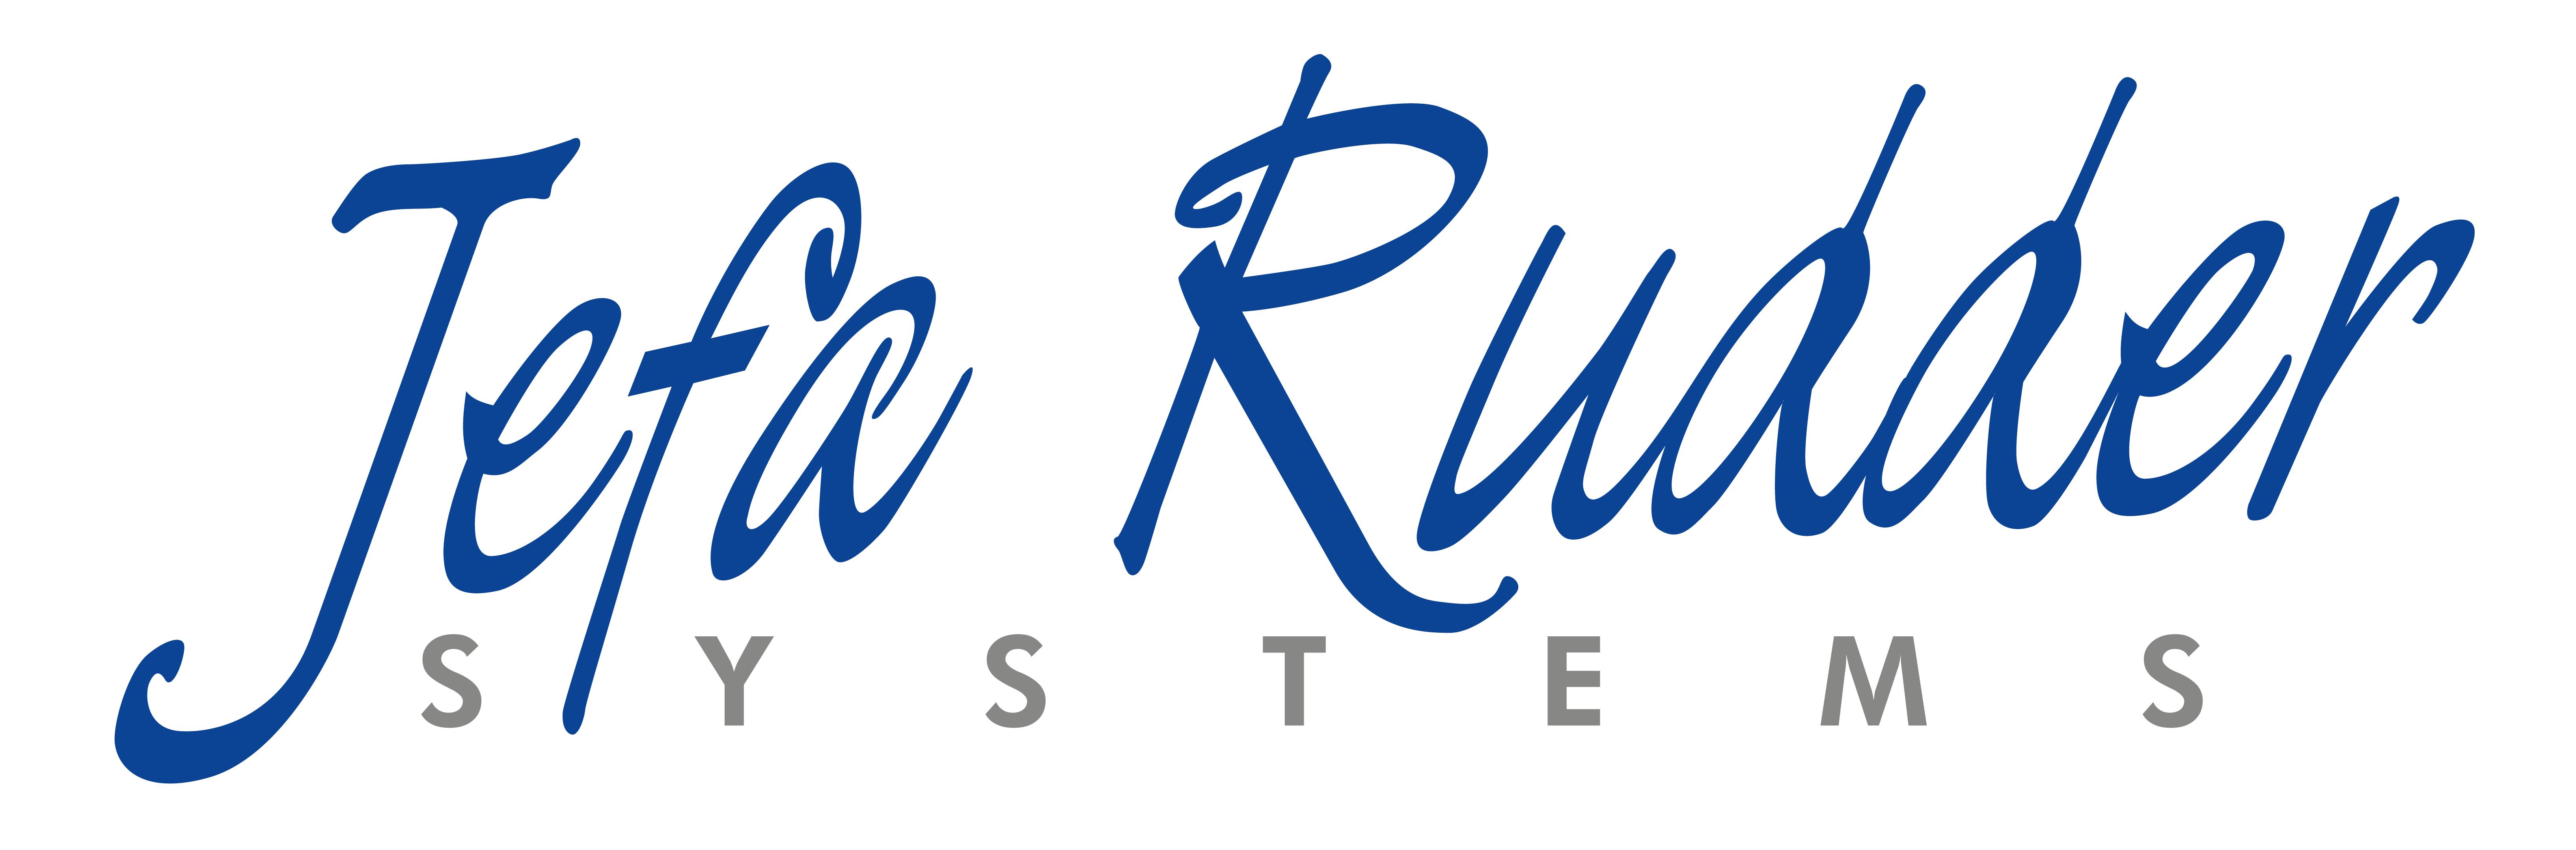 Jefa Rudder